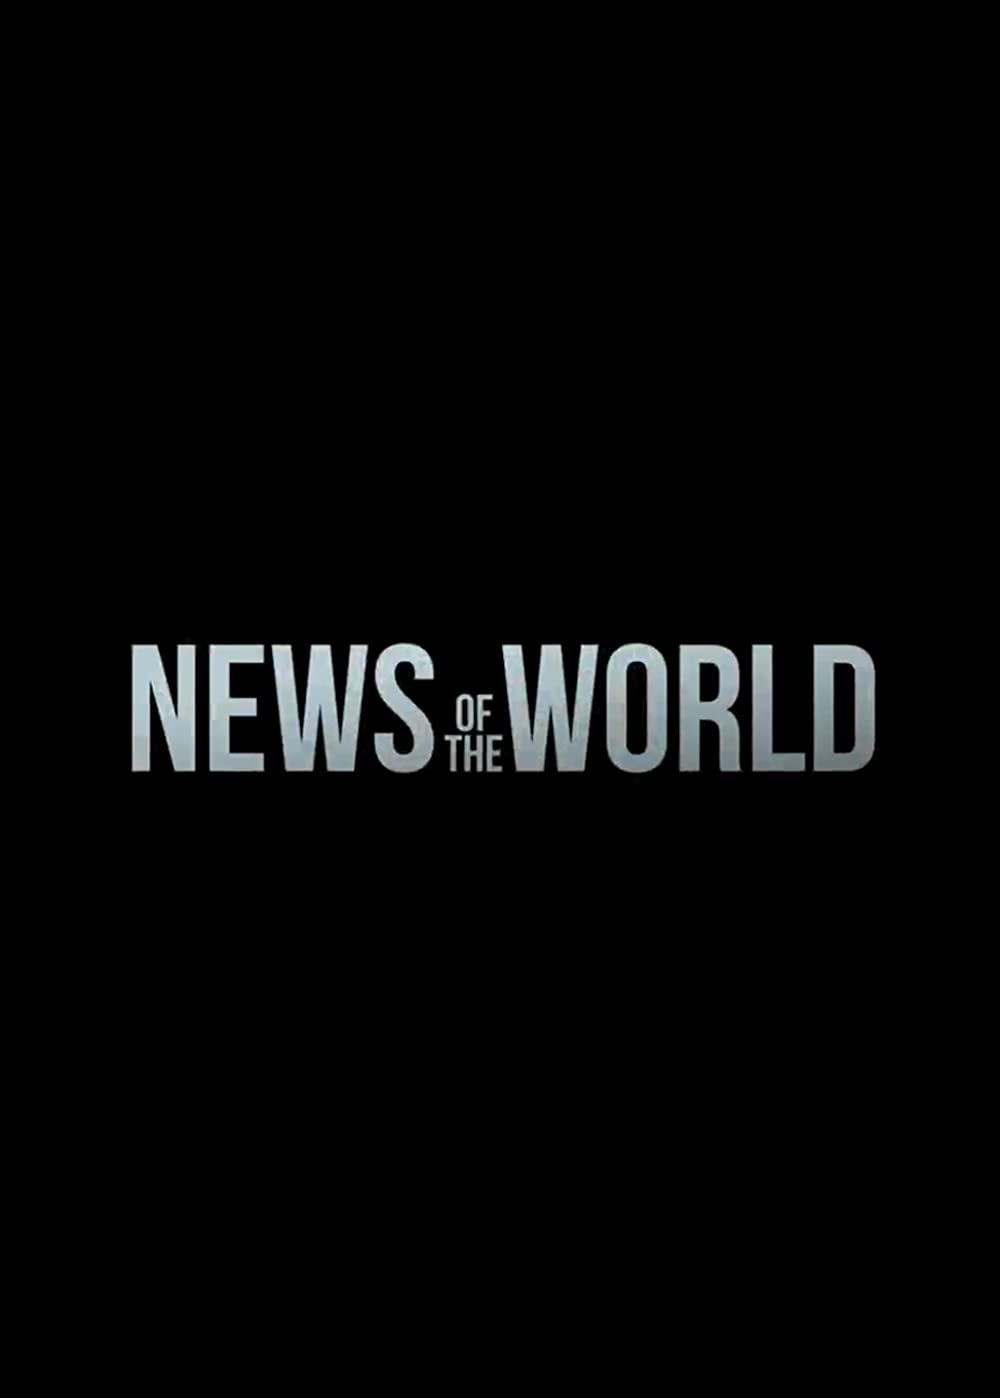 دانلود فیلم News of the World 2020